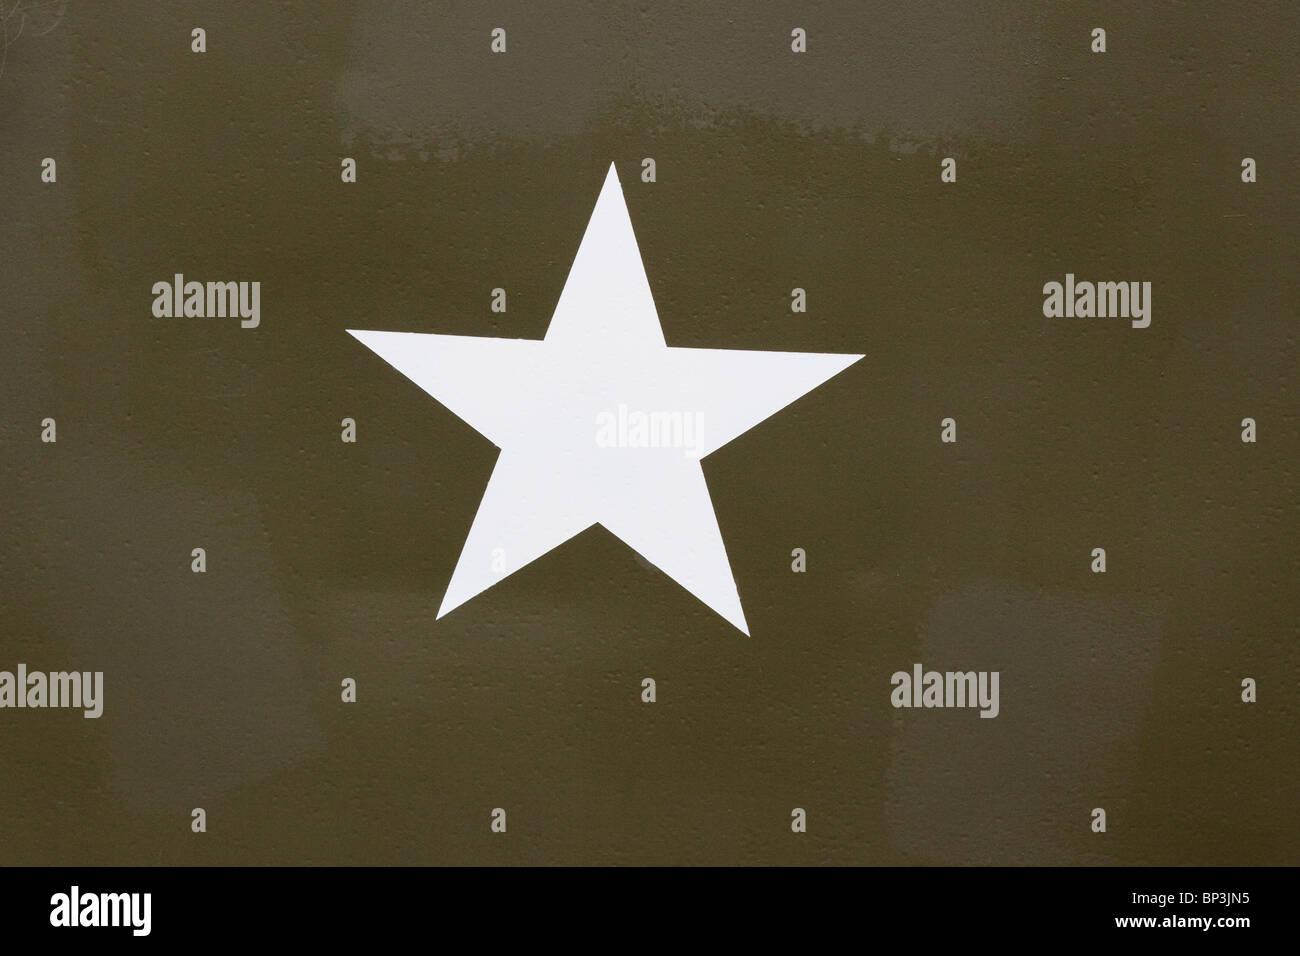 Usa Army Jeep Stockfotos Amp Usa Army Jeep Bilder Alamy